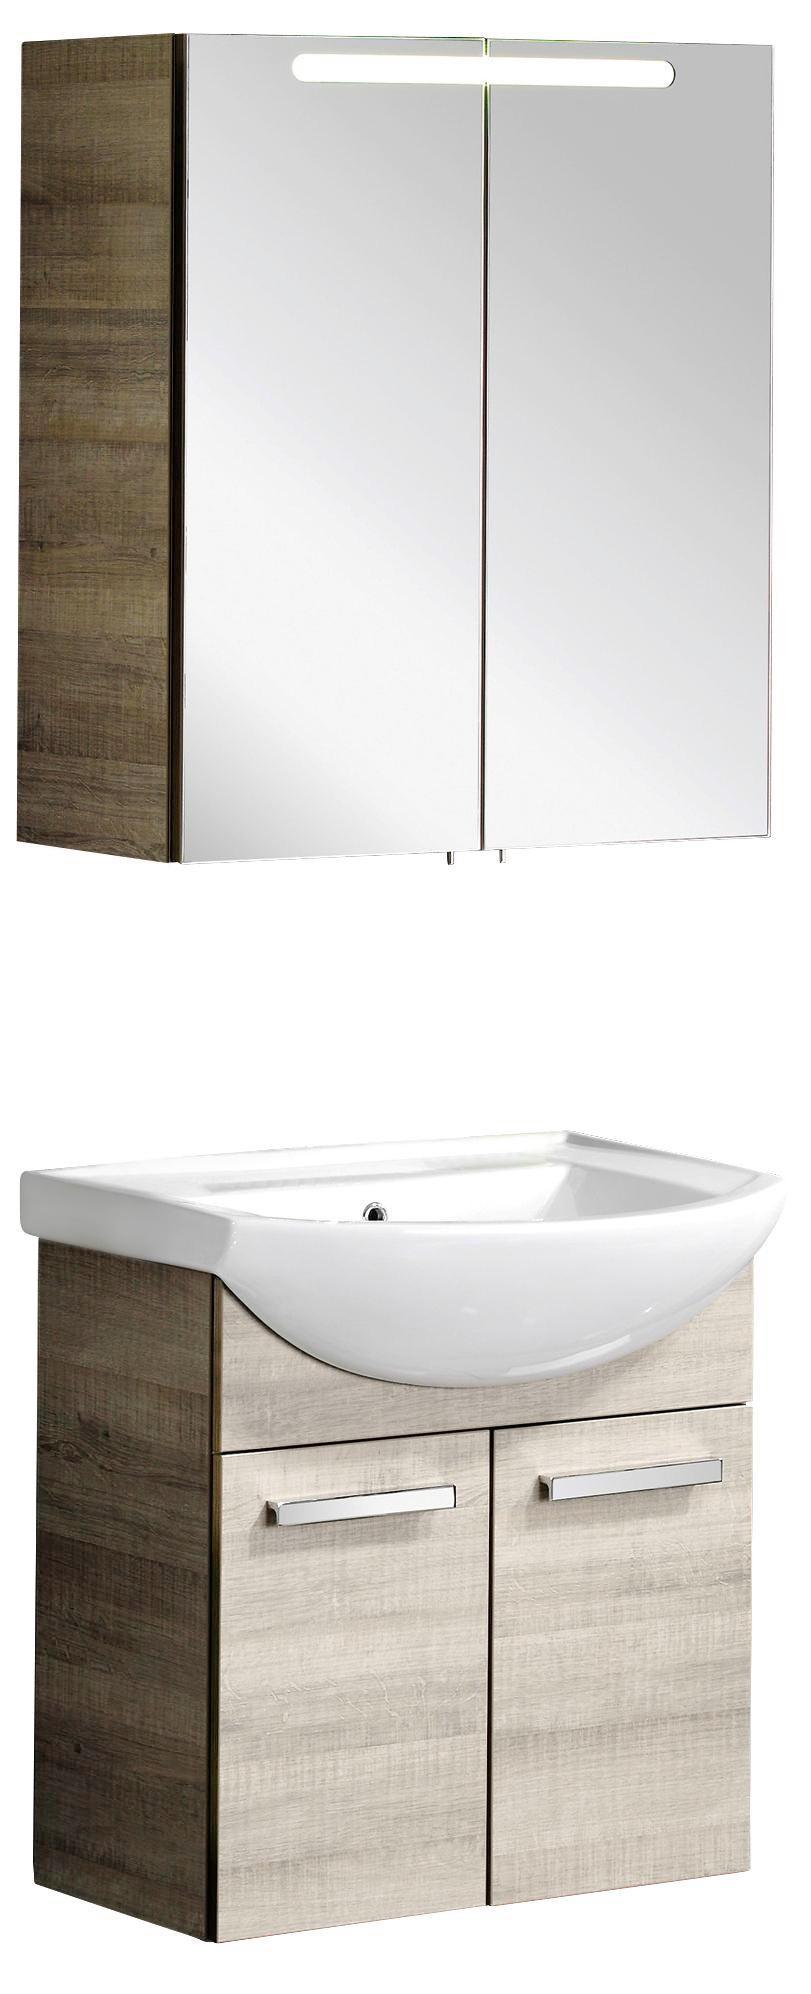 Bademöbel-Set für für kleinere Bäder